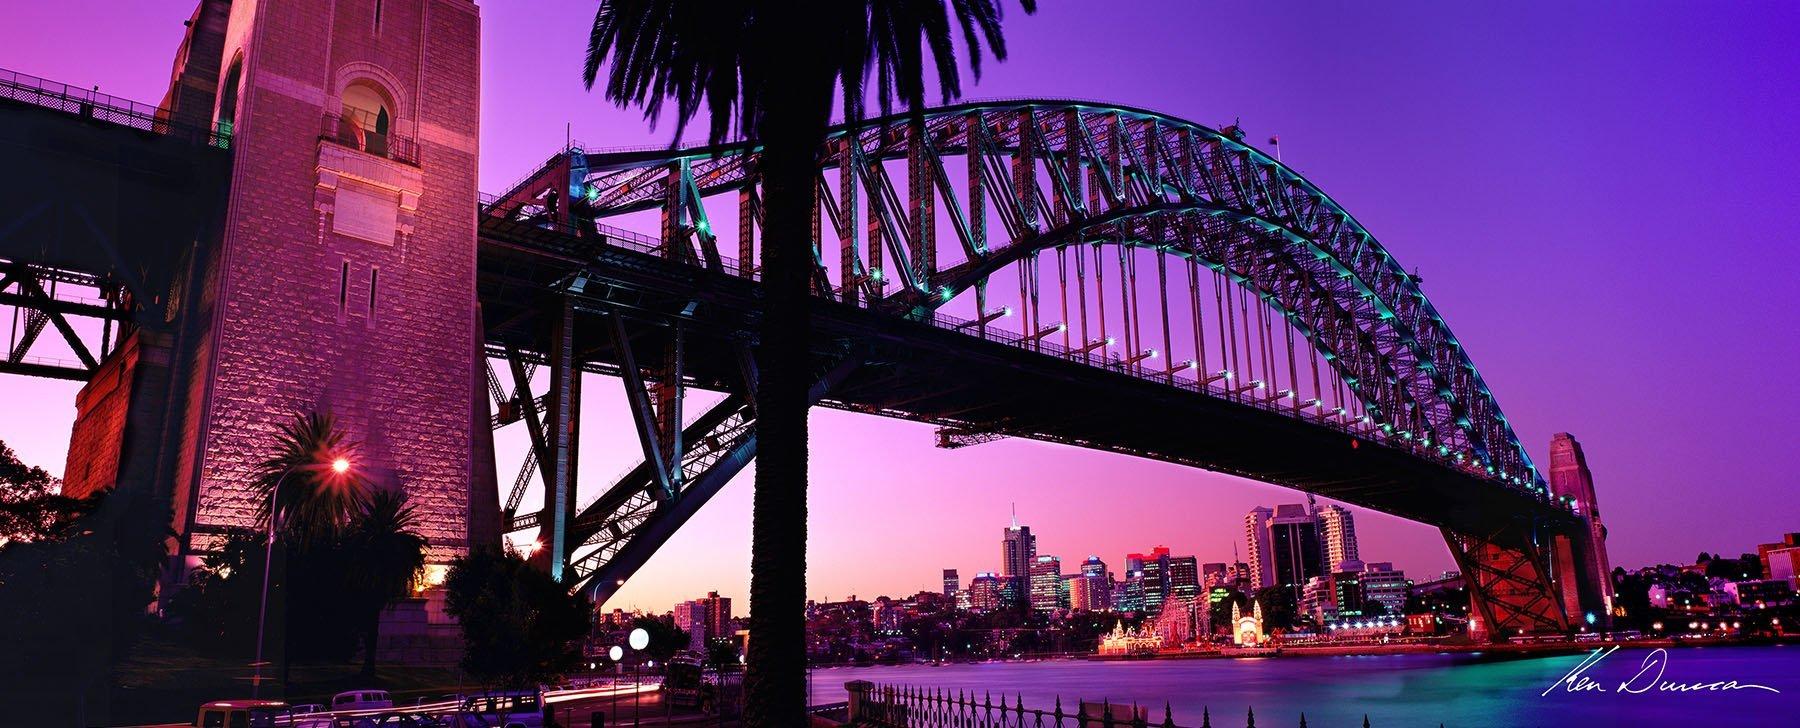 Harbour Bridge Photo Block